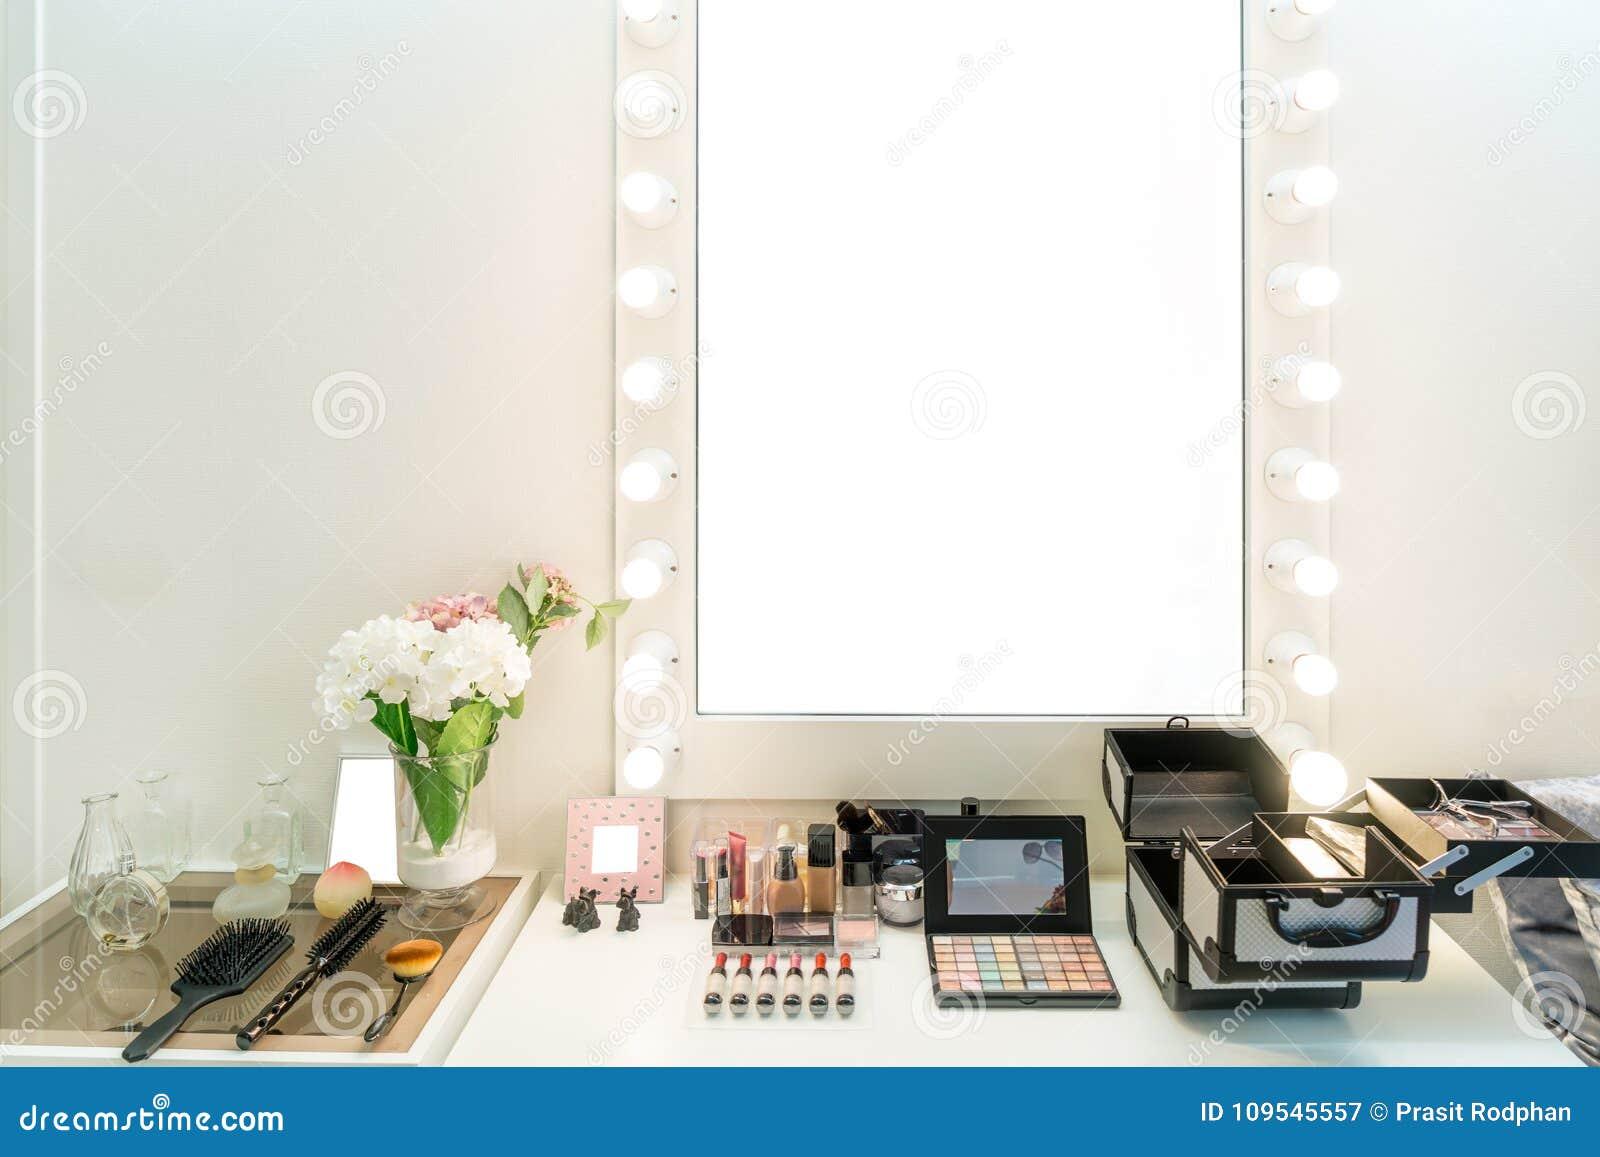 Σύγχρονο δωμάτιο ντουλαπιών με τον πίνακα, τον καθρέφτη και το cosmeti ματαιοδοξίας σύνθεσης